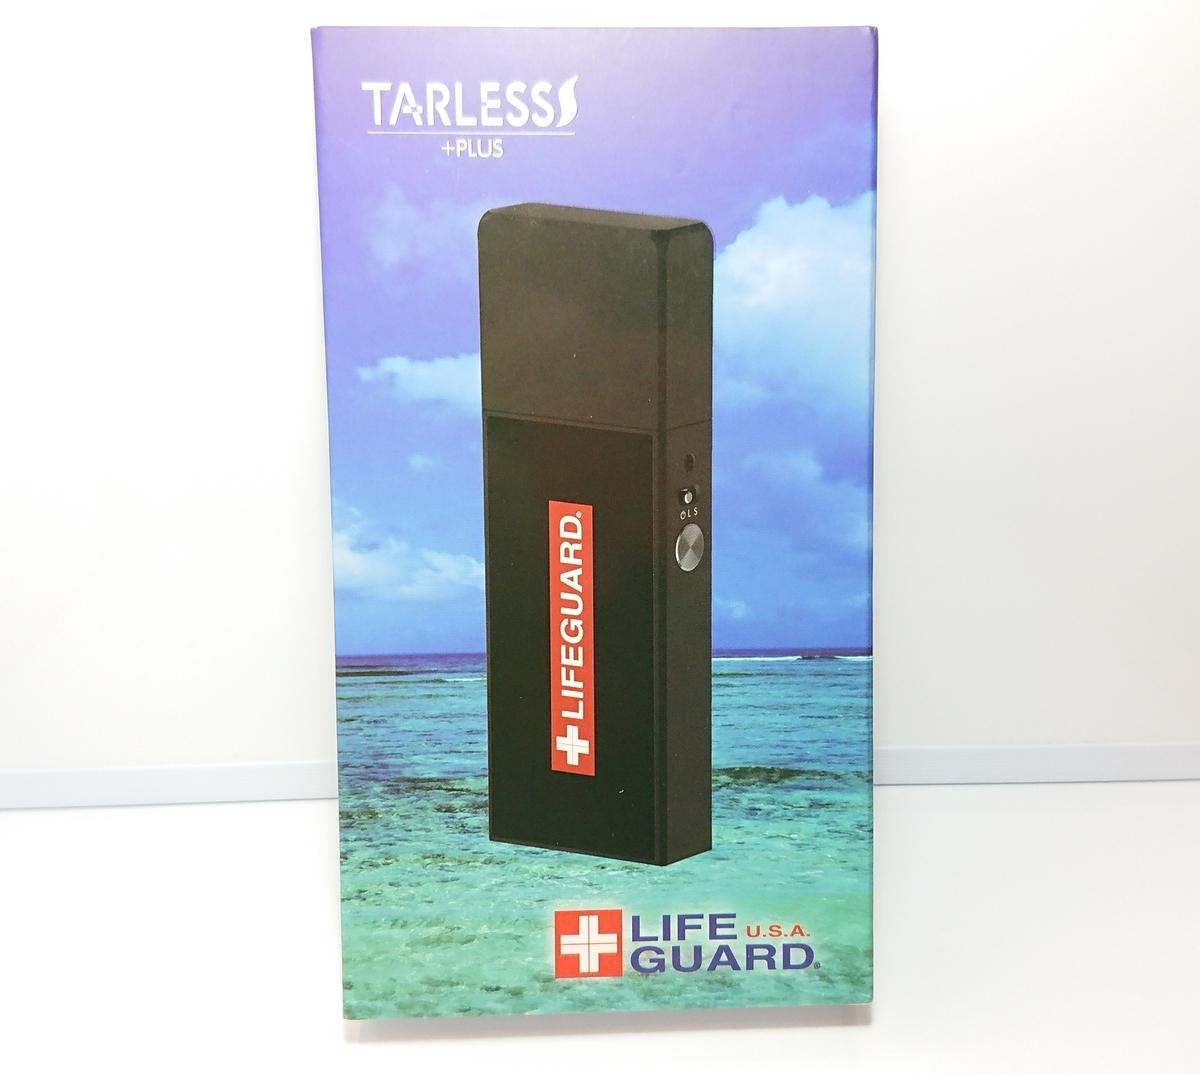 20191001151945 - TARLESSが進化したTARLESS PLUS(ターレスプラス)レビュー!節煙、禁煙対策、プルームテック互換【令和式電子タバコ】